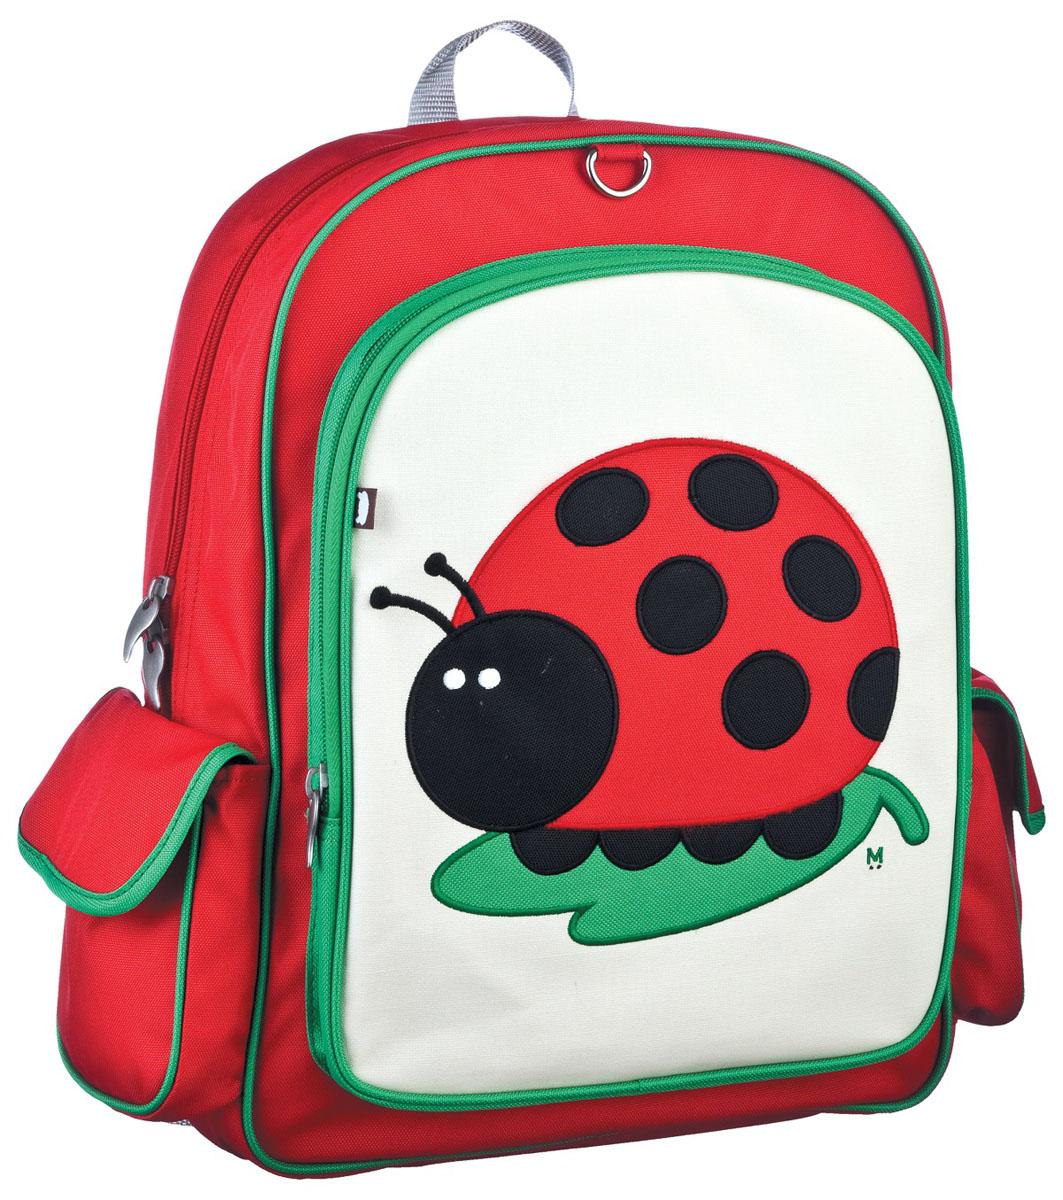 Рюкзак детский Beatrix Big Kid Juju-Lady Bug, цвет: молочный, красный, зеленый1906/TG_парусникРюкзак Beatrix Juju-Lady Bug изготовлен из износоустойчивого нейлона ярких расцветок.Рюкзак оформлен вышитой аппликацией с изображением забавного животного. Рюкзак состоит из вместительного отделения, закрывающегося на застежку-молнию с двумя бегунками. Бегунки застежки дополнены металлическими держателями. На лицевой стороне рюкзака один большой накладной карман на молнии. Внутри отделения находится дополнительный кармашек на застежке-молнии. На задней стенке рюкзака имеется нашивка, на которой можно указать данные владельца. По бокам рюкзака имеются два накладных кармашка, закрывающихся на клапан с липучкой. Мягкие широкие лямки позволяют легко и быстро отрегулировать рюкзак в соответствии с ростом. Спинка рюкзака и лямки прошиты для дополнительного комфорта при эксплуатации. Рюкзак оснащен удобной текстильной ручкой для переноски в руке. Достаточно вместительный для того, чтобы в них поместились учебники, ноутбук, школьный завтрак и остальной арсенал школьника. Идеально подходит как для школы, так для повседневных прогулок, отдыха и спорта.